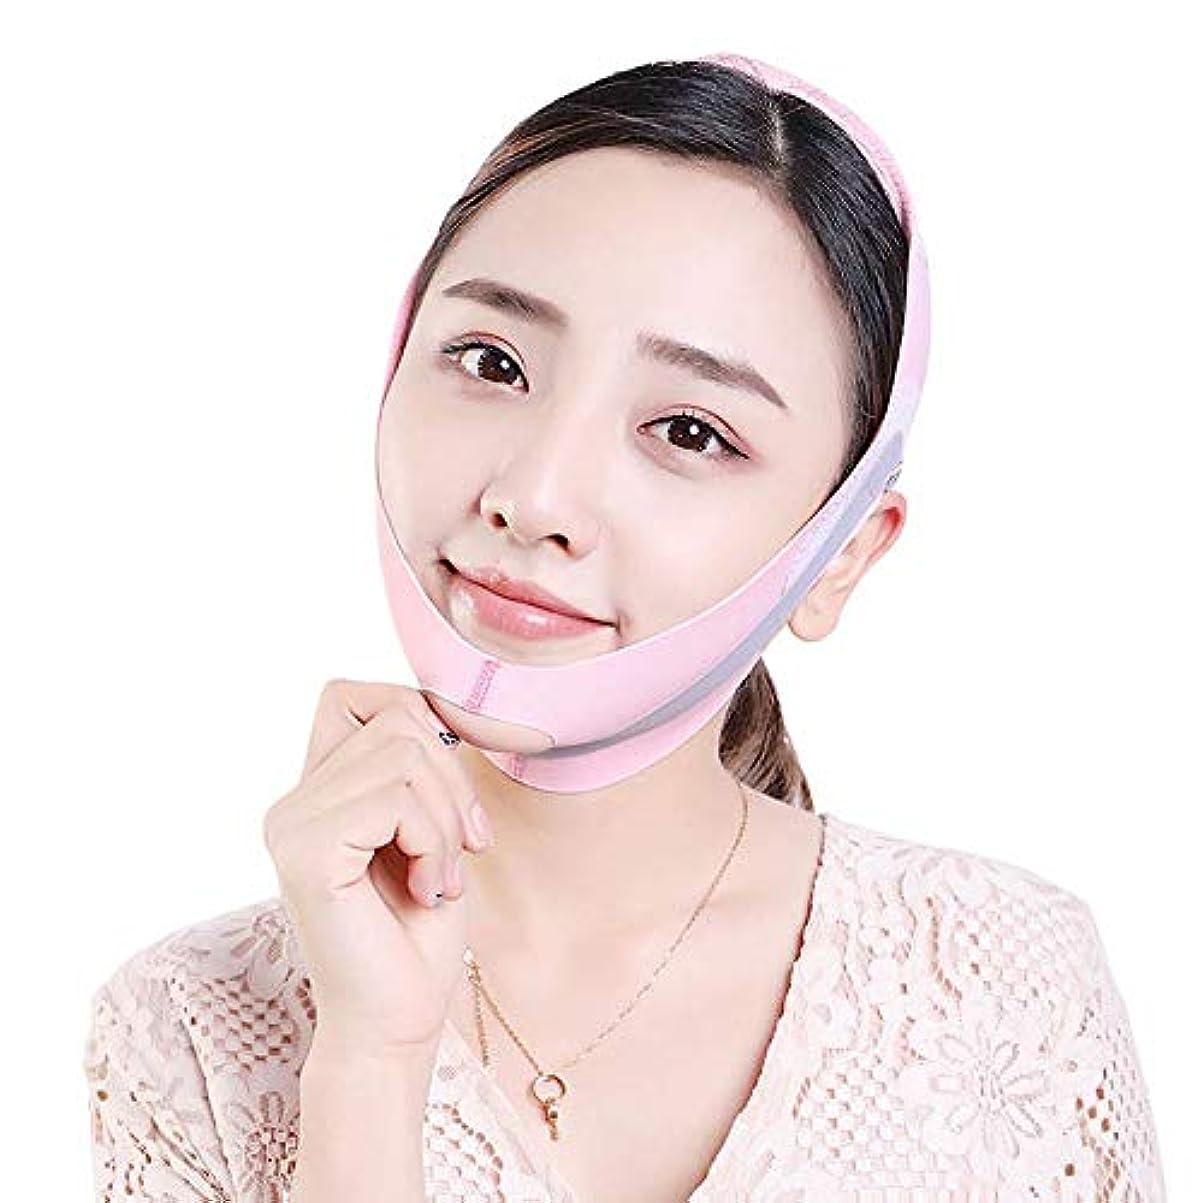 閉じ込める冒険家我慢するMinmin たるみを防ぐために顔を持ち上げるために筋肉を引き締めるために二重あごのステッカーとラインを削除するために、顔を持ち上げるアーティファクト包帯があります - ピンク みんみんVラインフェイスマスク